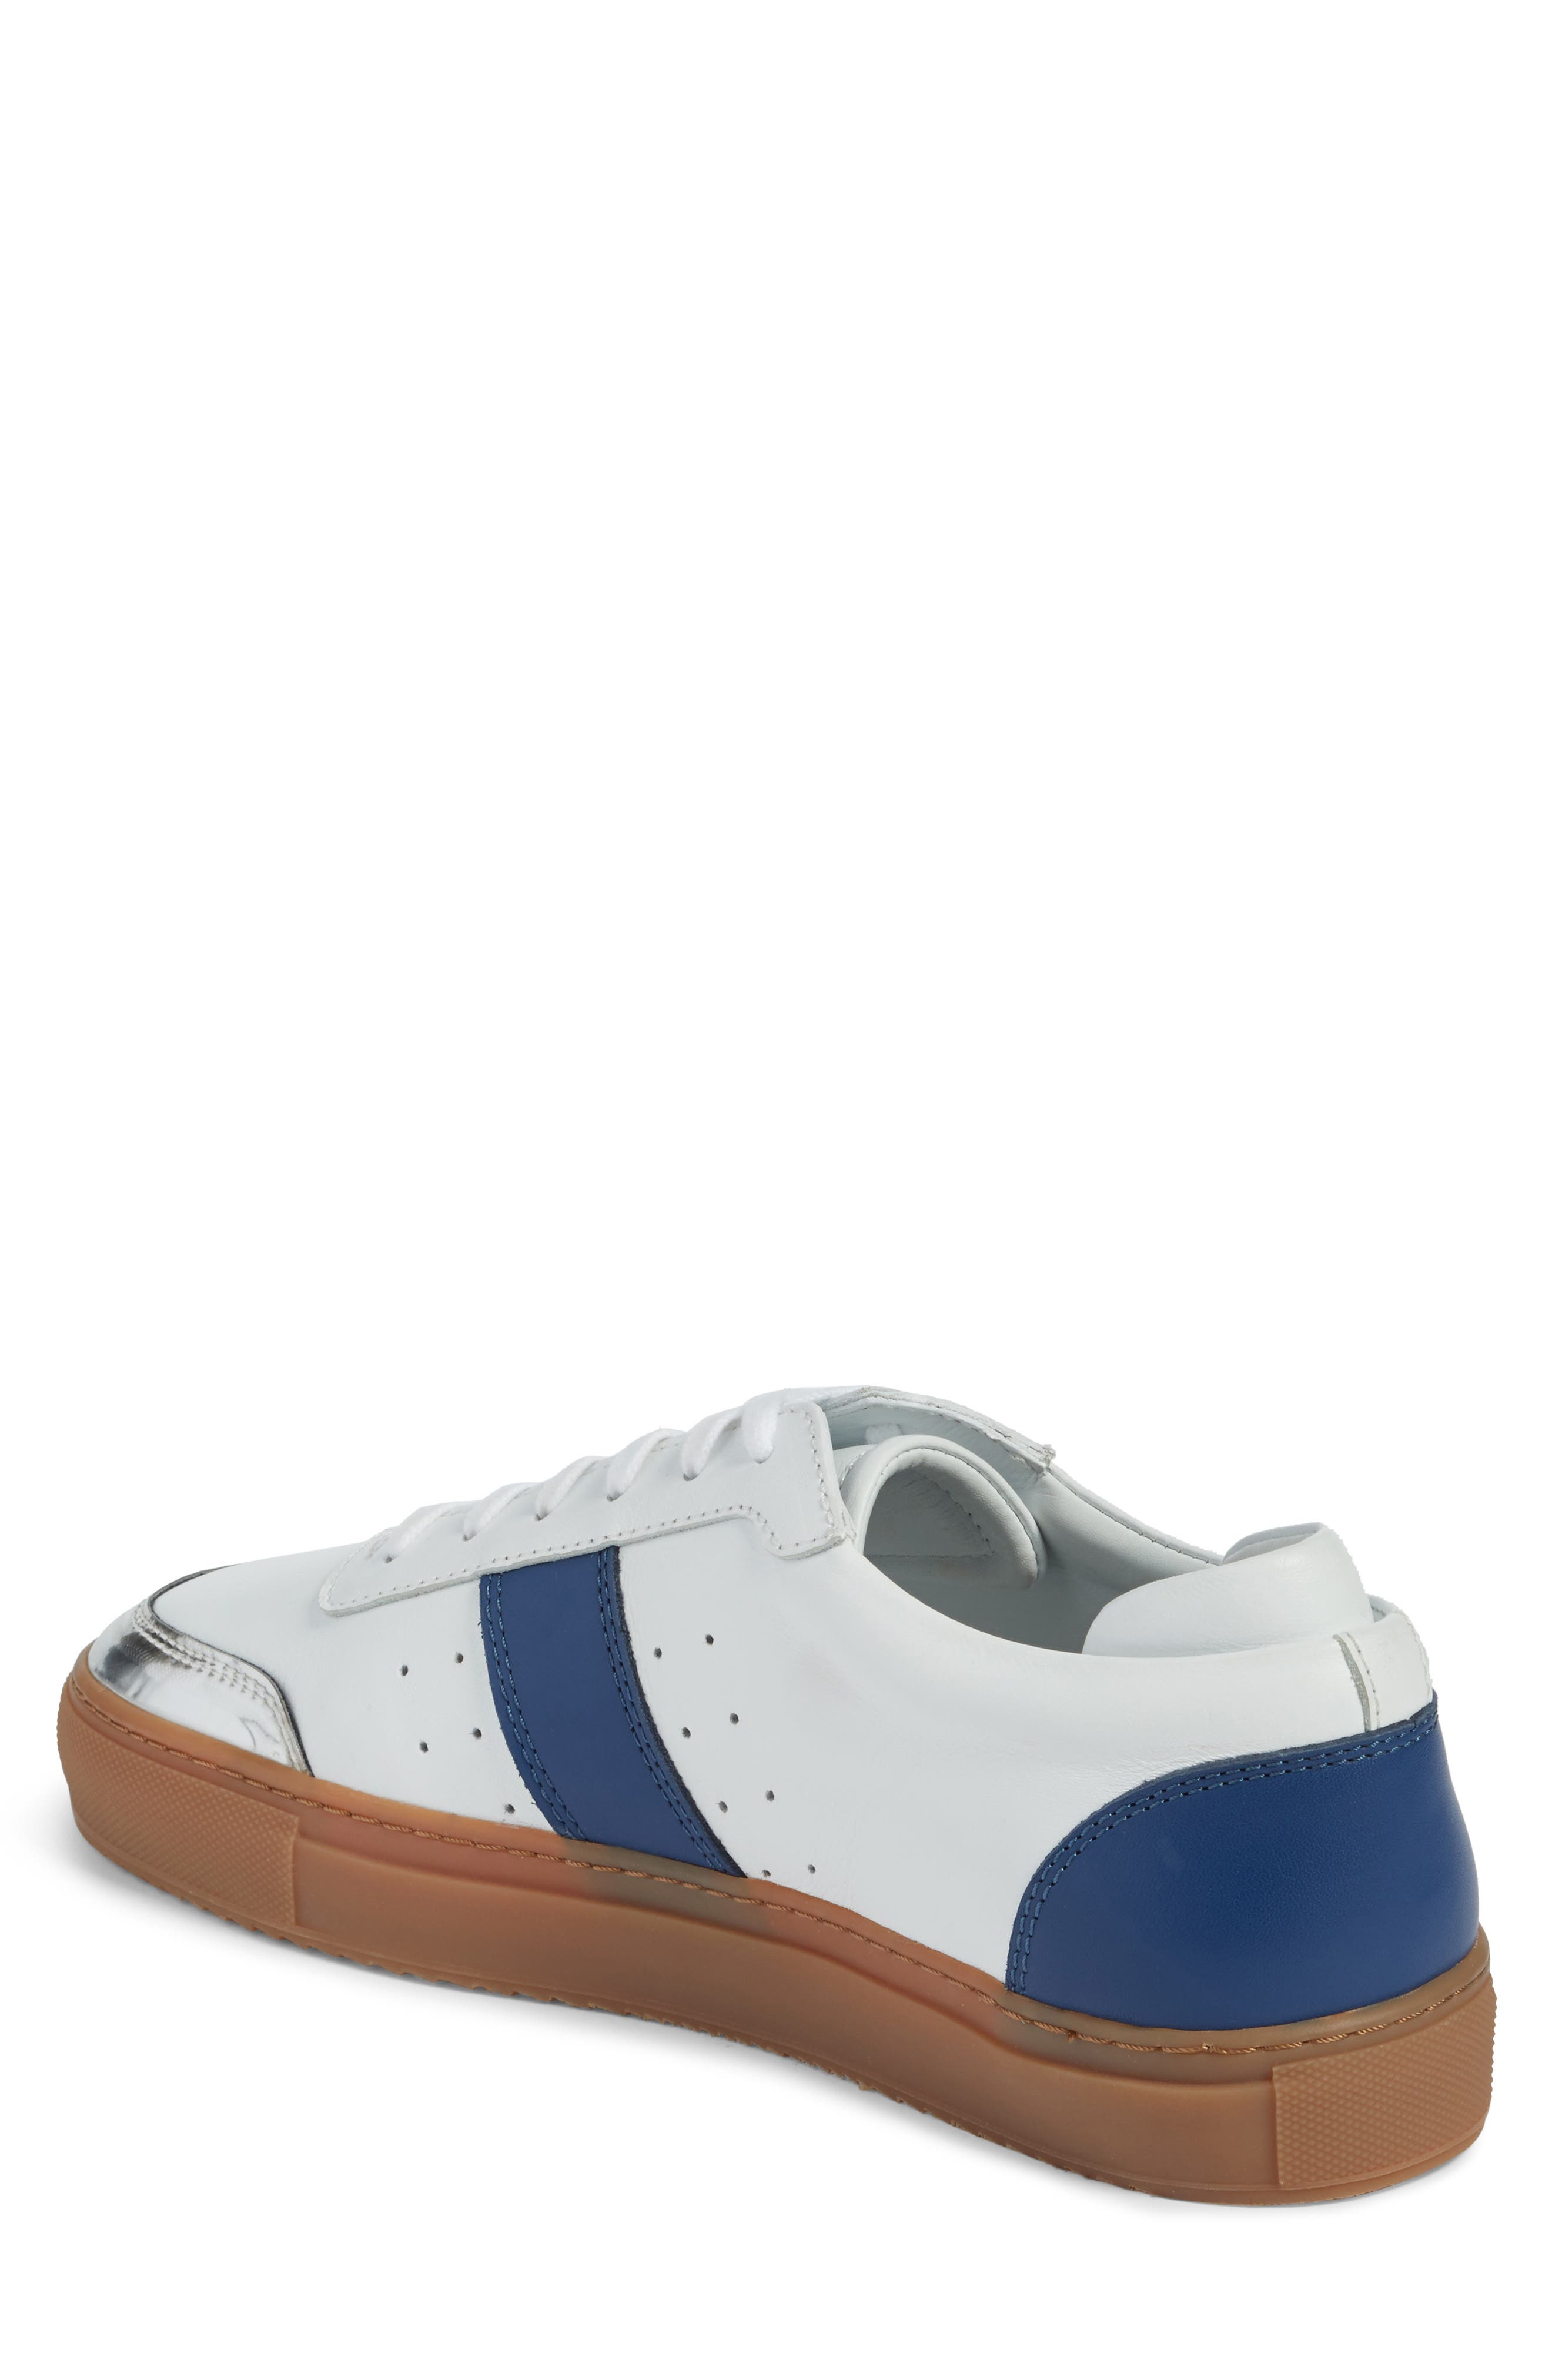 Dunk Sneaker,                             Alternate thumbnail 2, color,                             White/ Navy